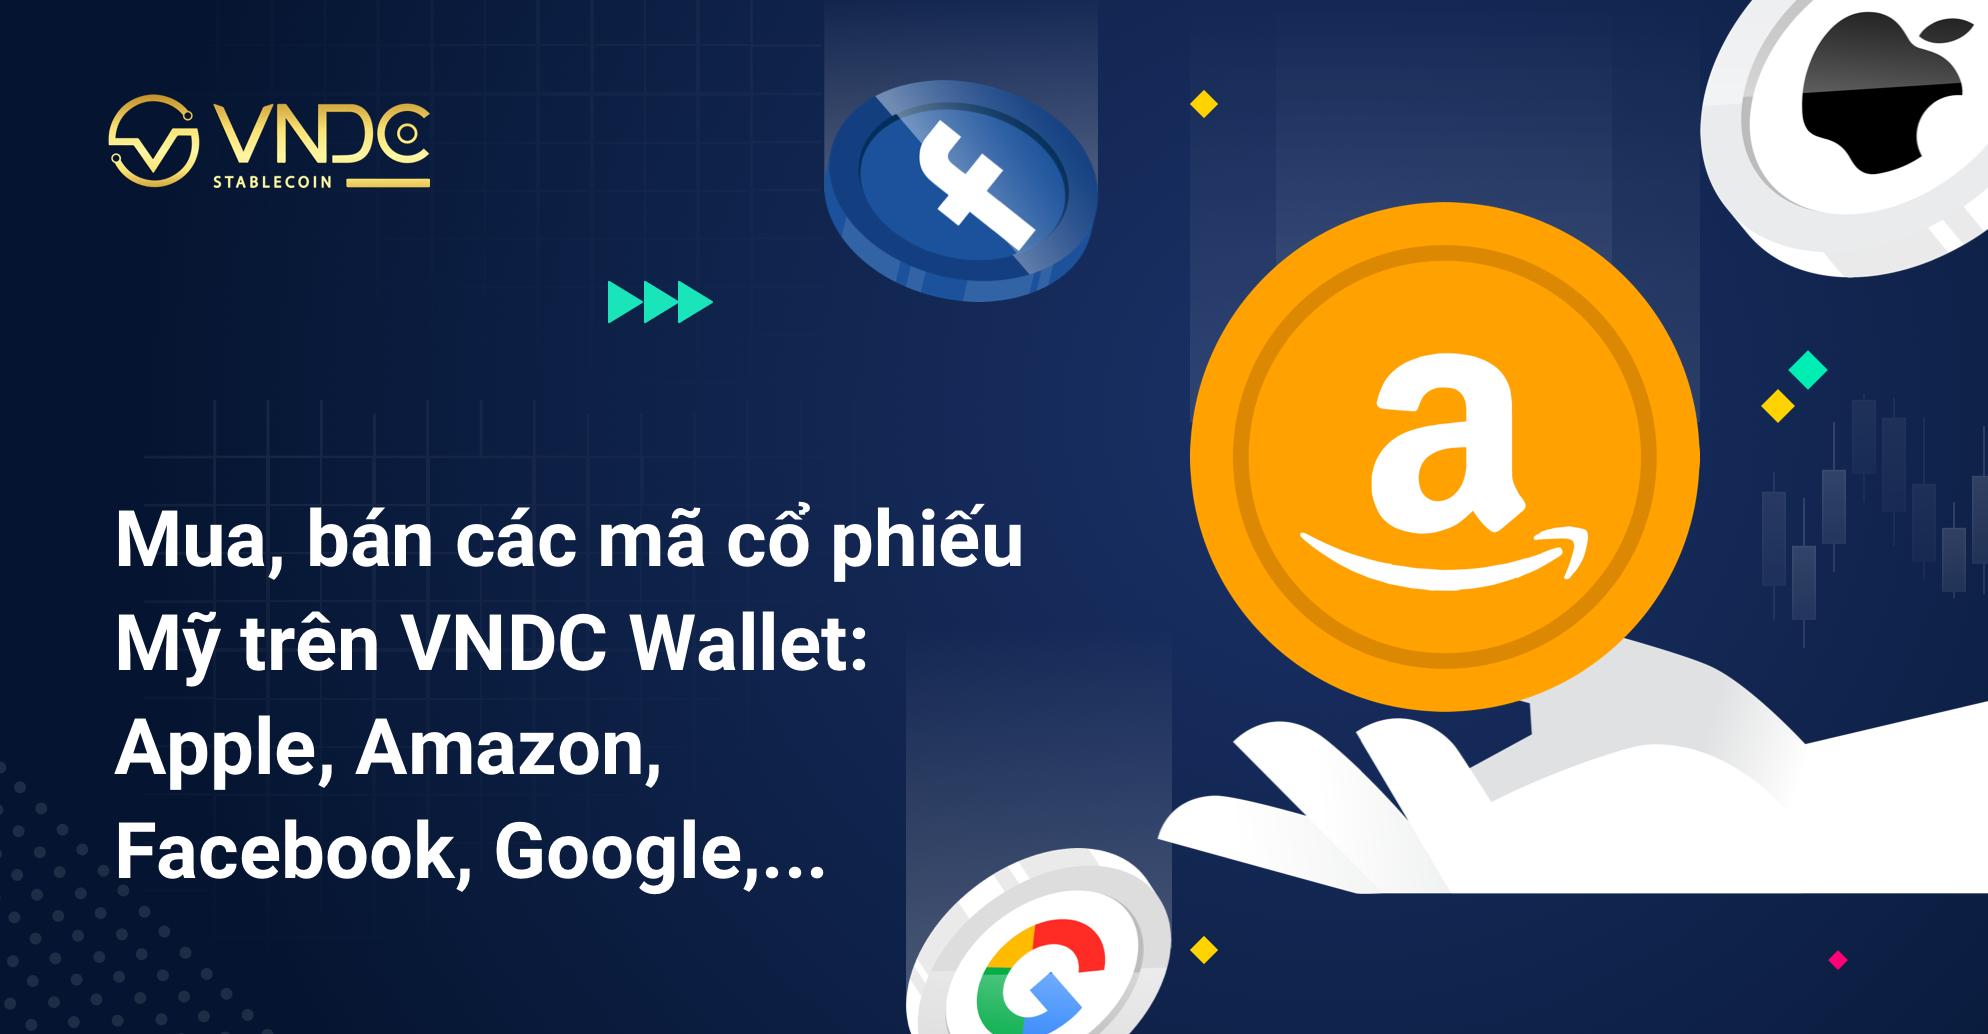 Mua, bán các mã cổ phiếu Mỹ trên VNDC Wallet: Apple, Amazon, Facebook, Google,…